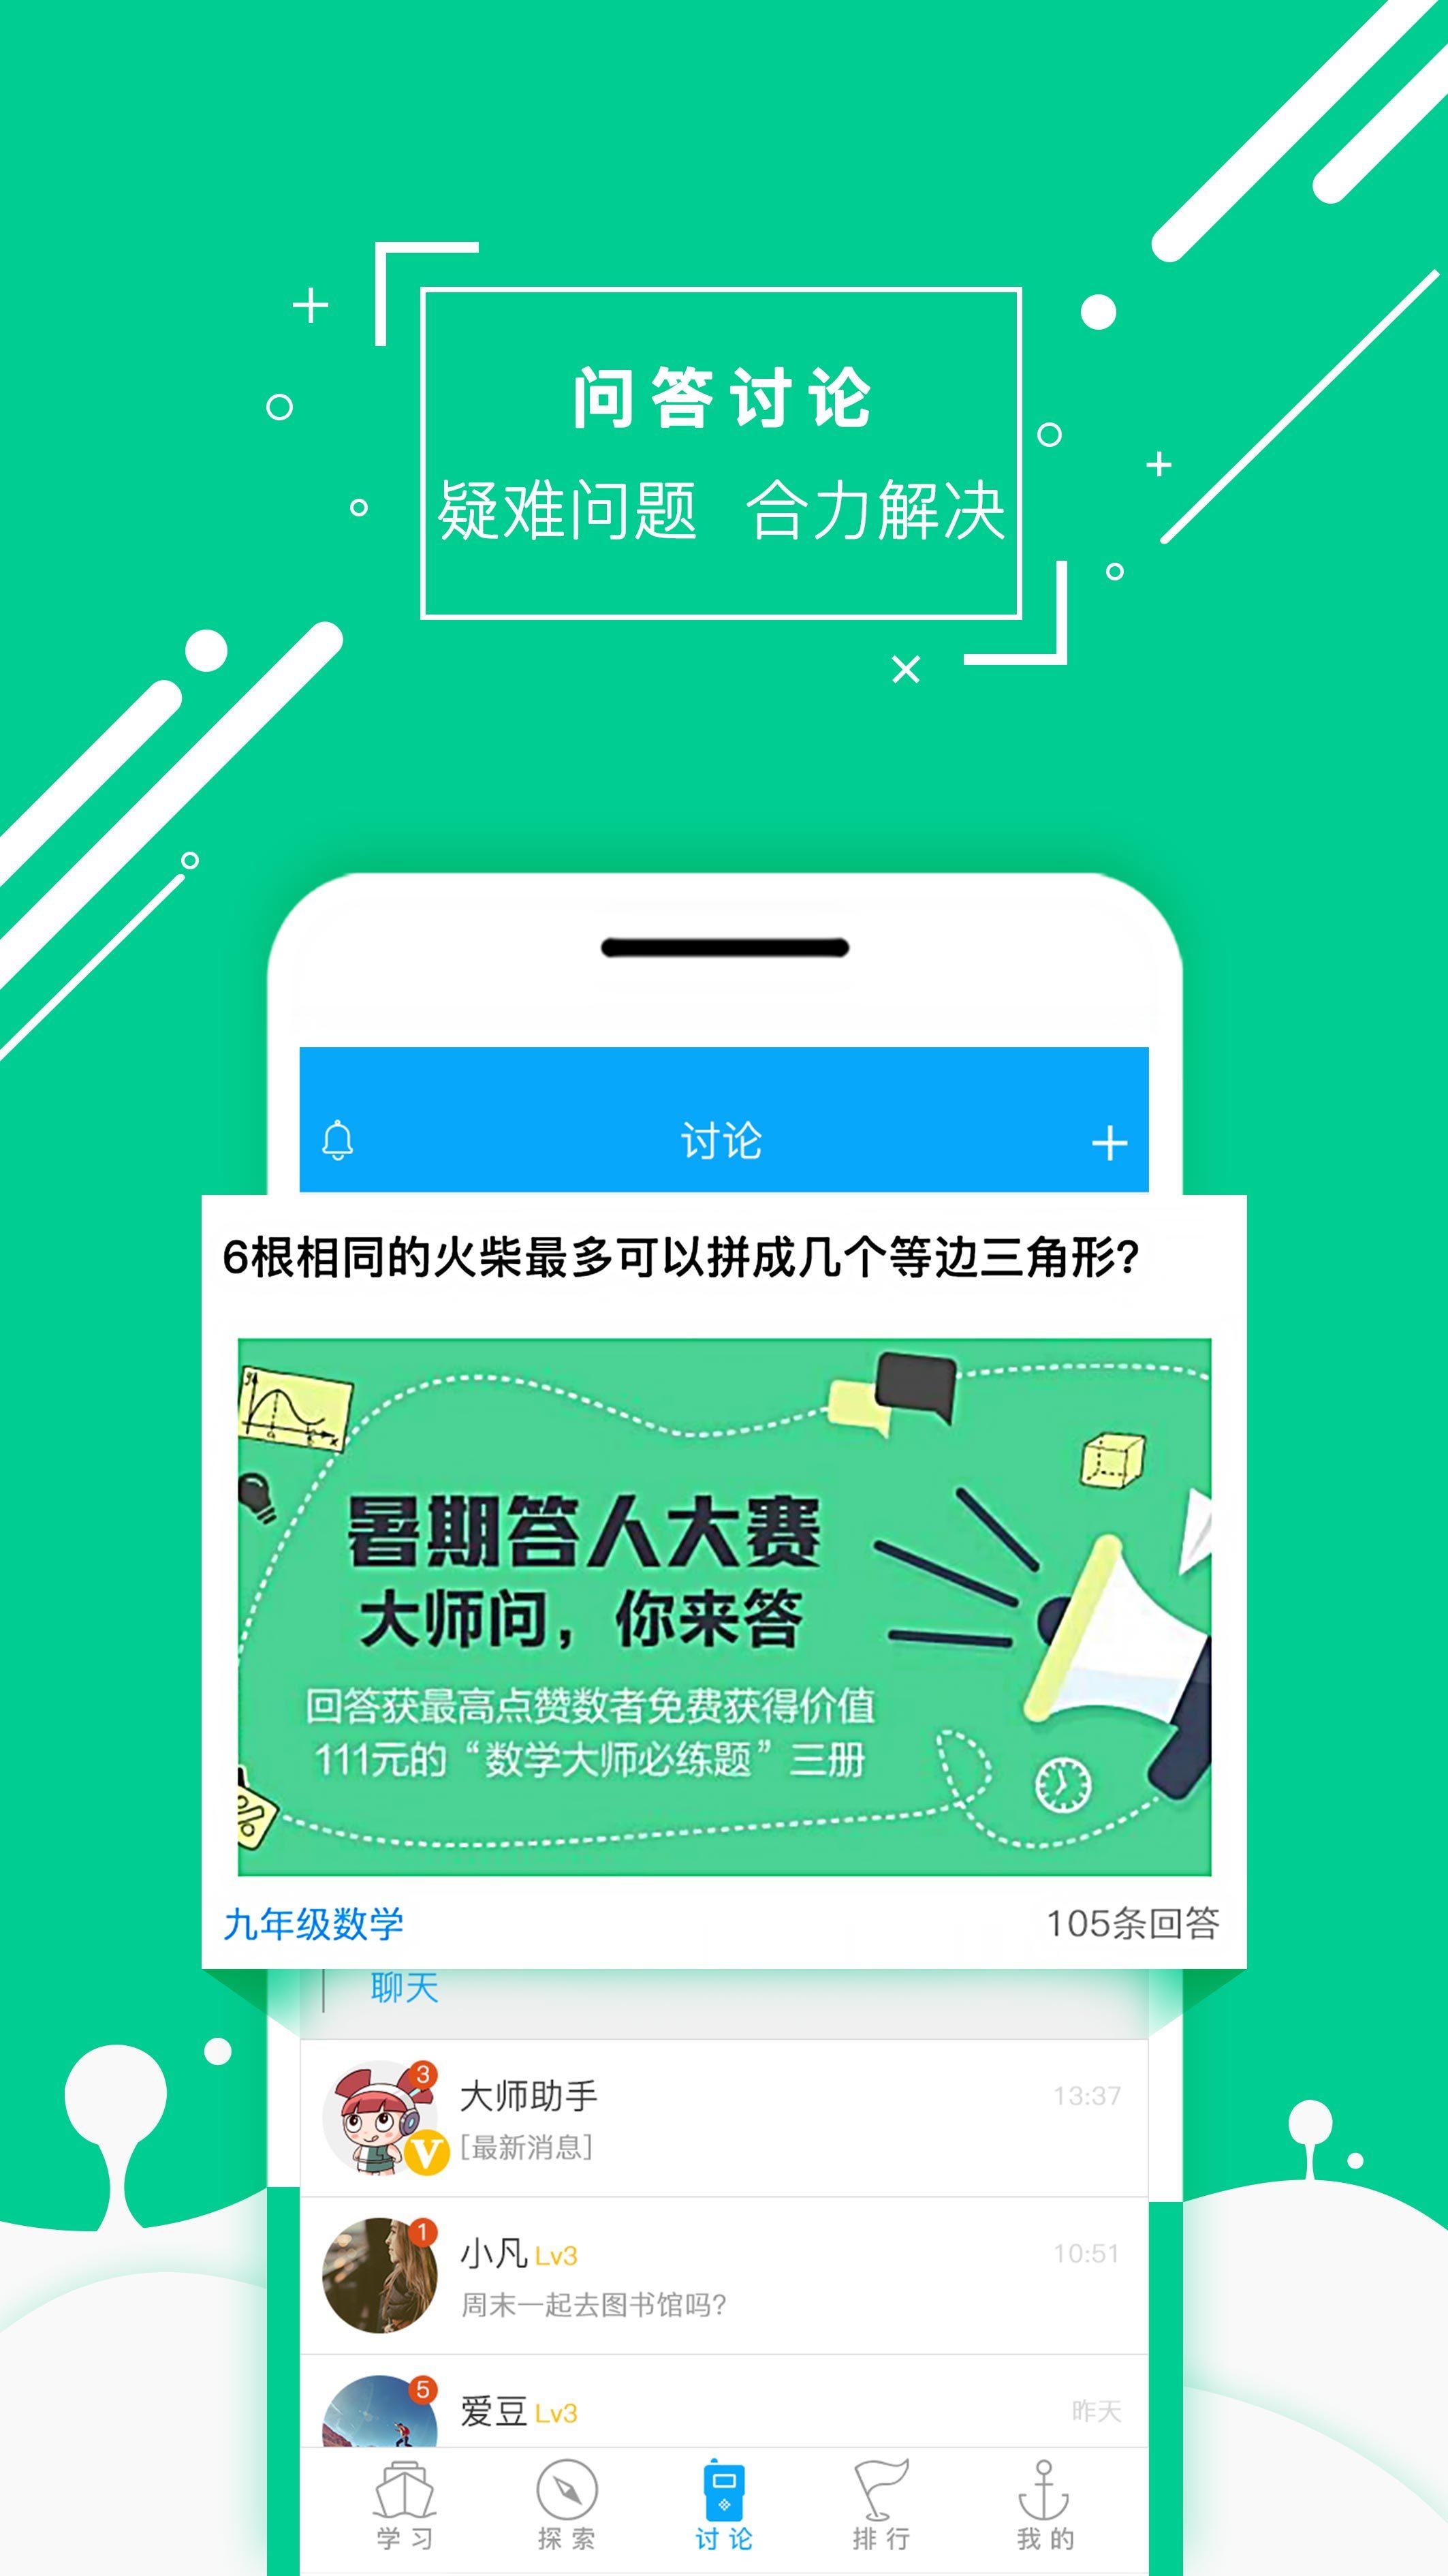 物理大师app手机版 物理大师下载 3.4.0 安卓版 河东软件园